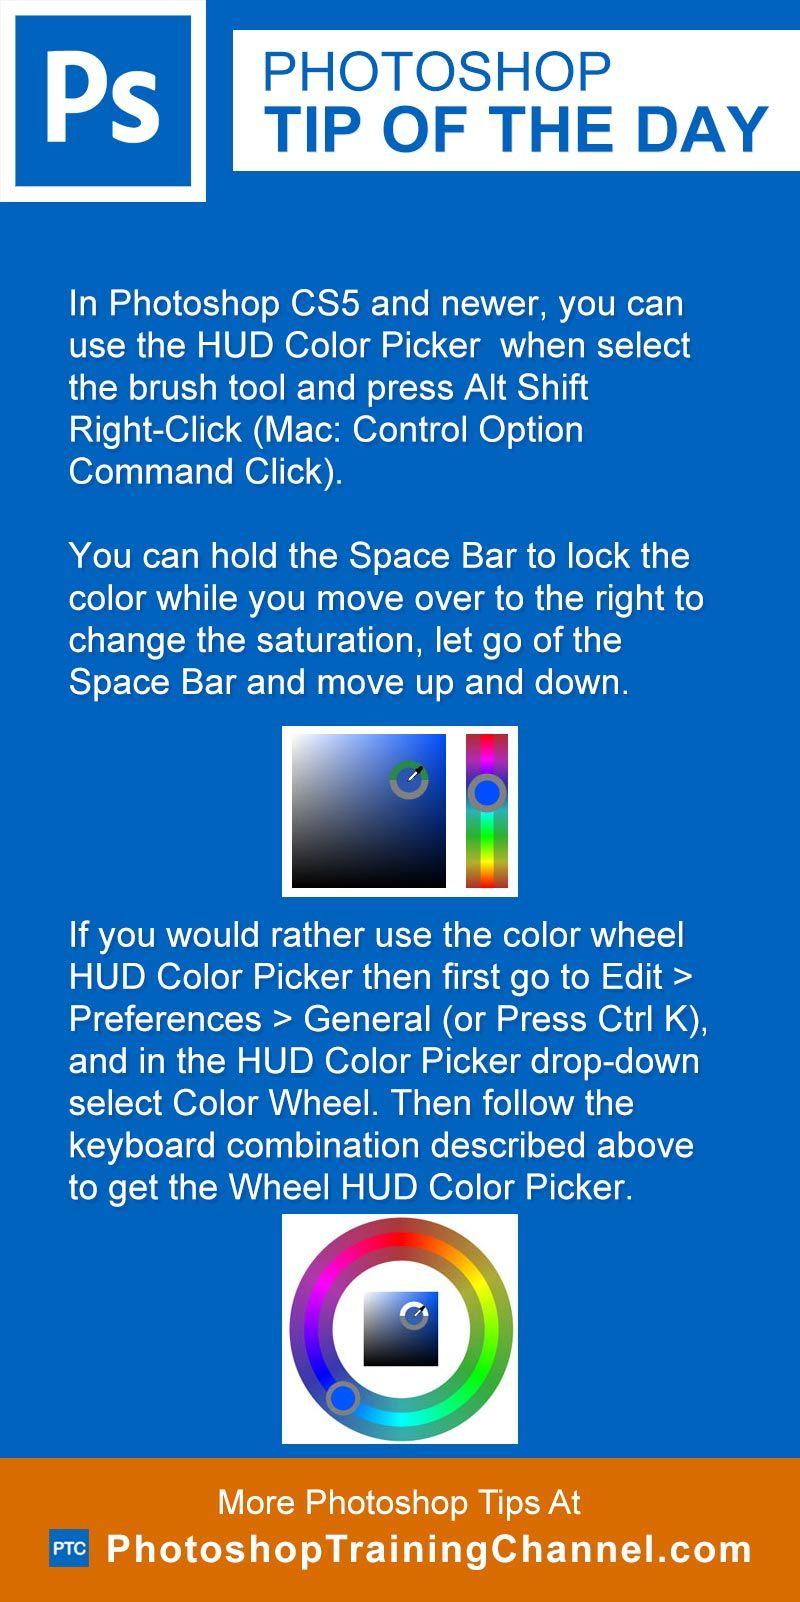 HUD Color Picker